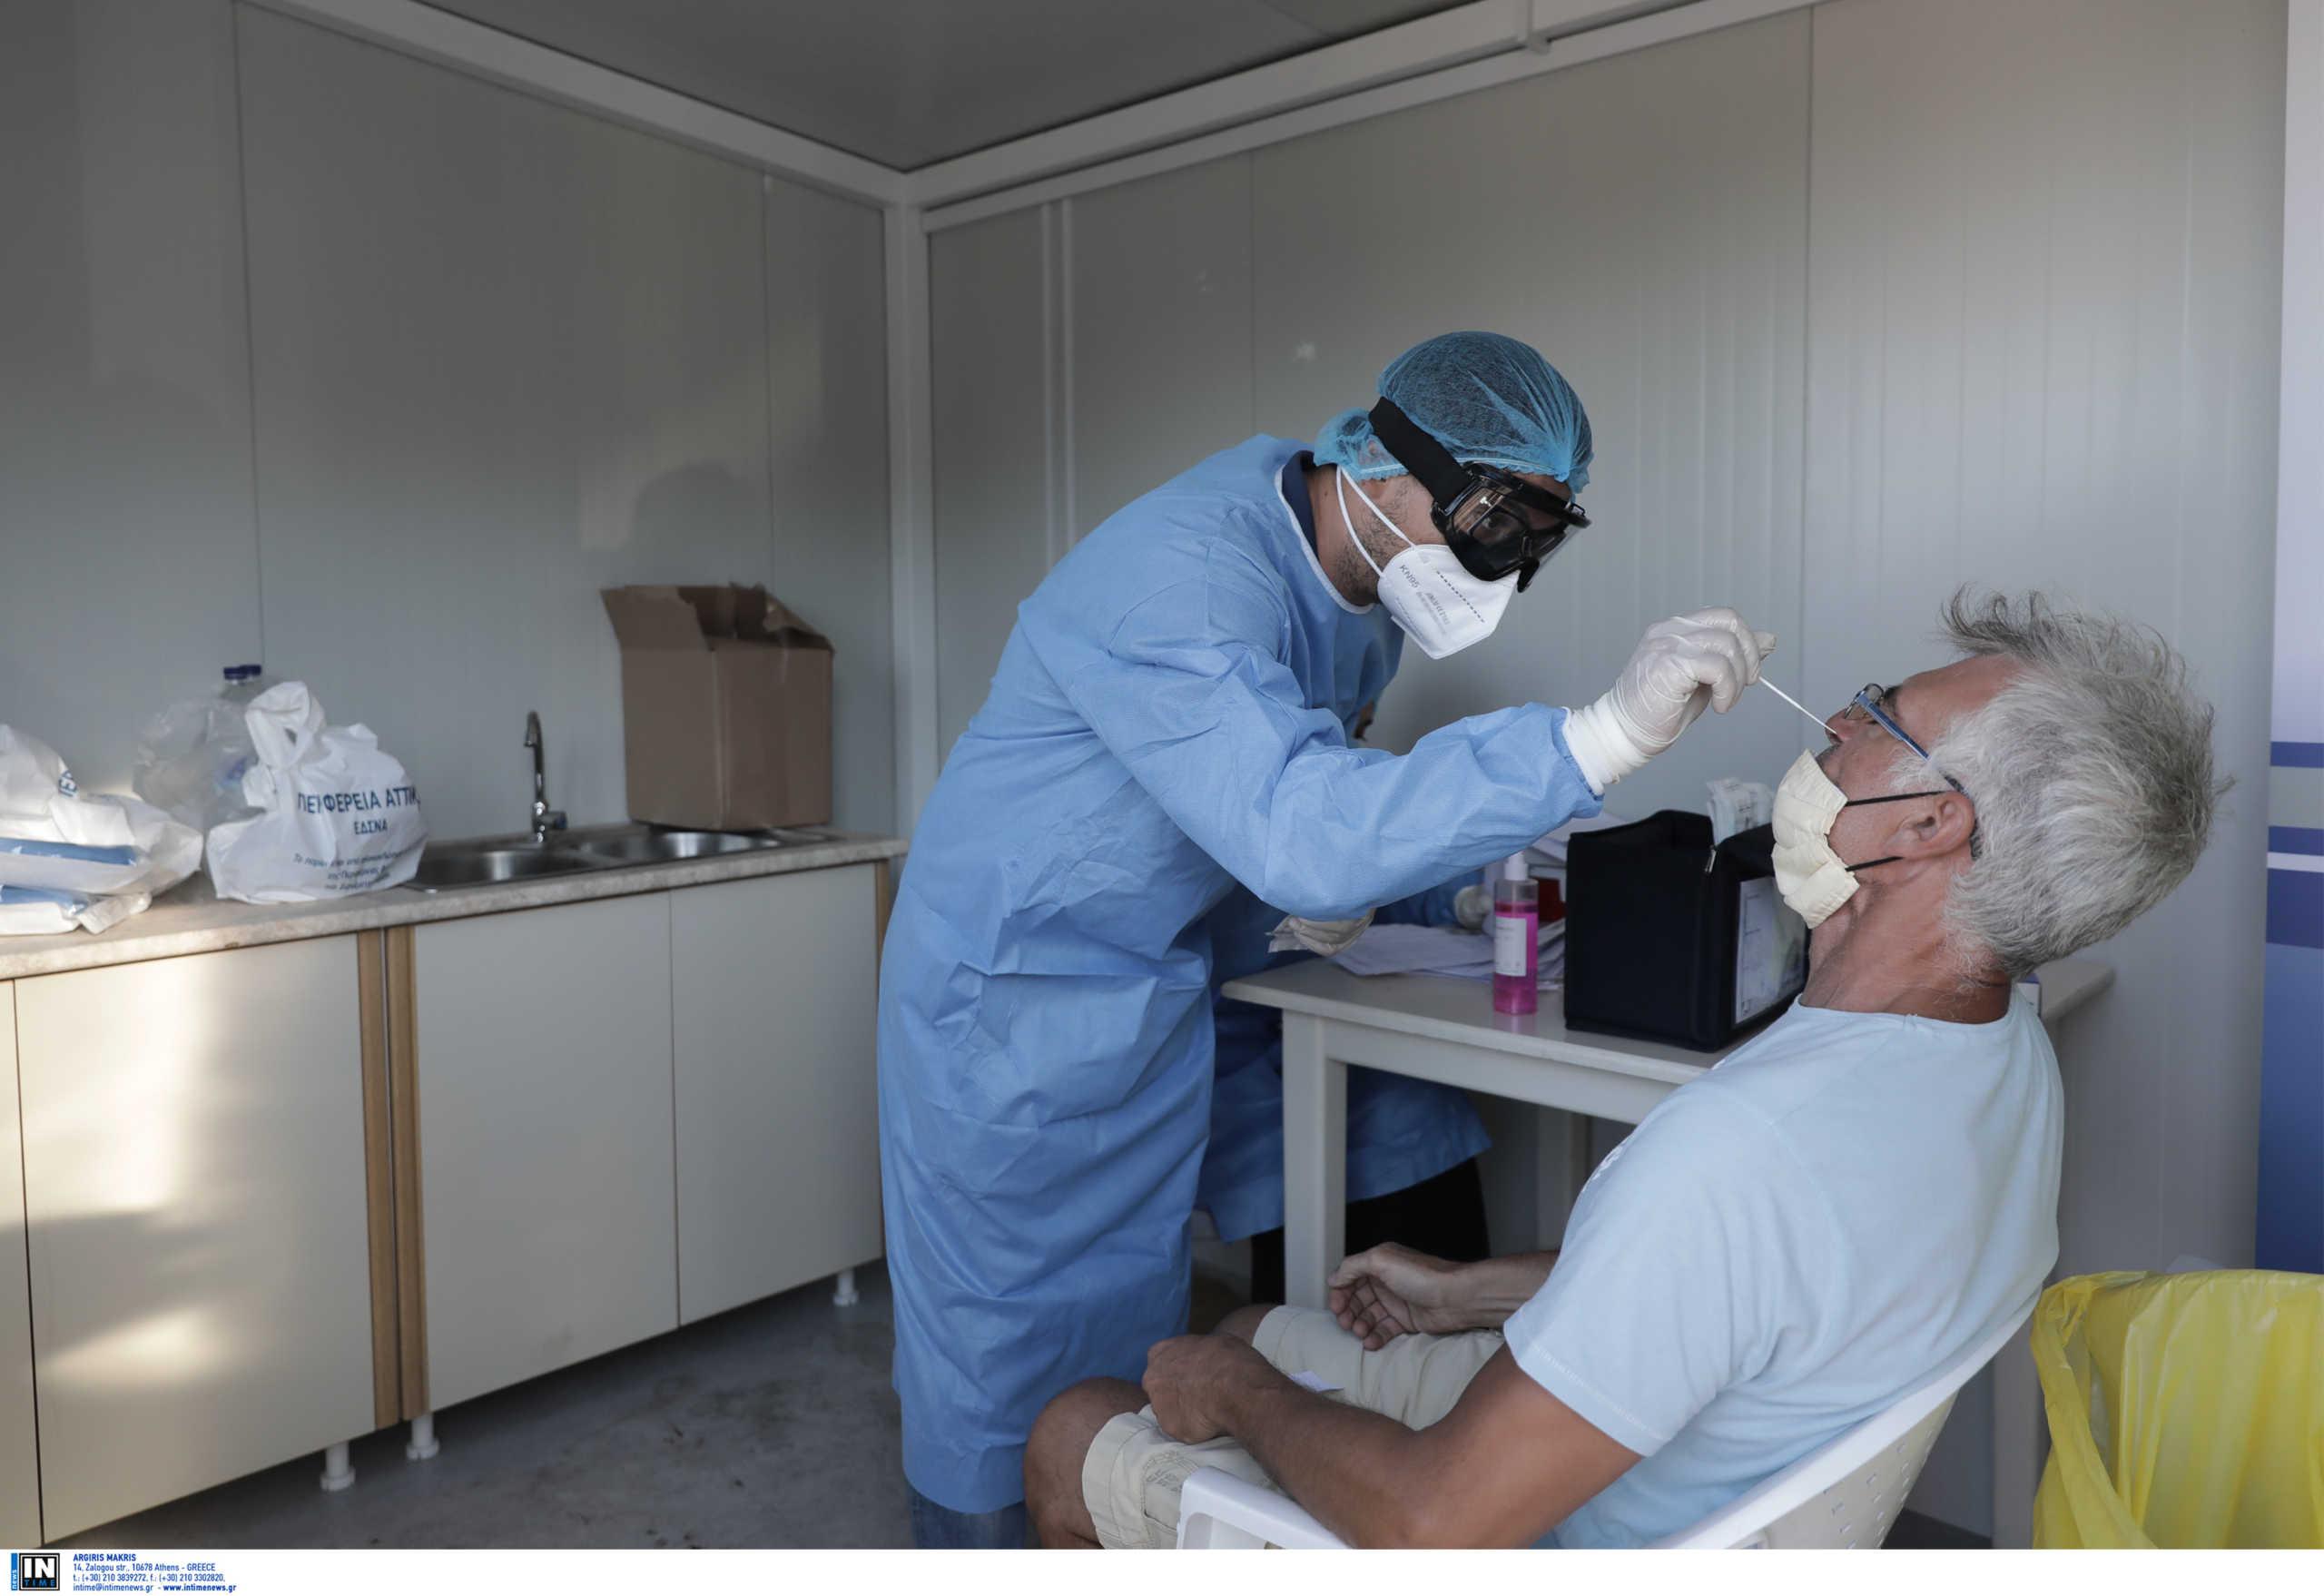 Κορονοϊός: Οξύμετρο και βιντεοκλήσεις, σημεία – κλειδιά στη διαχείριση των ασθενών στο σπίτι